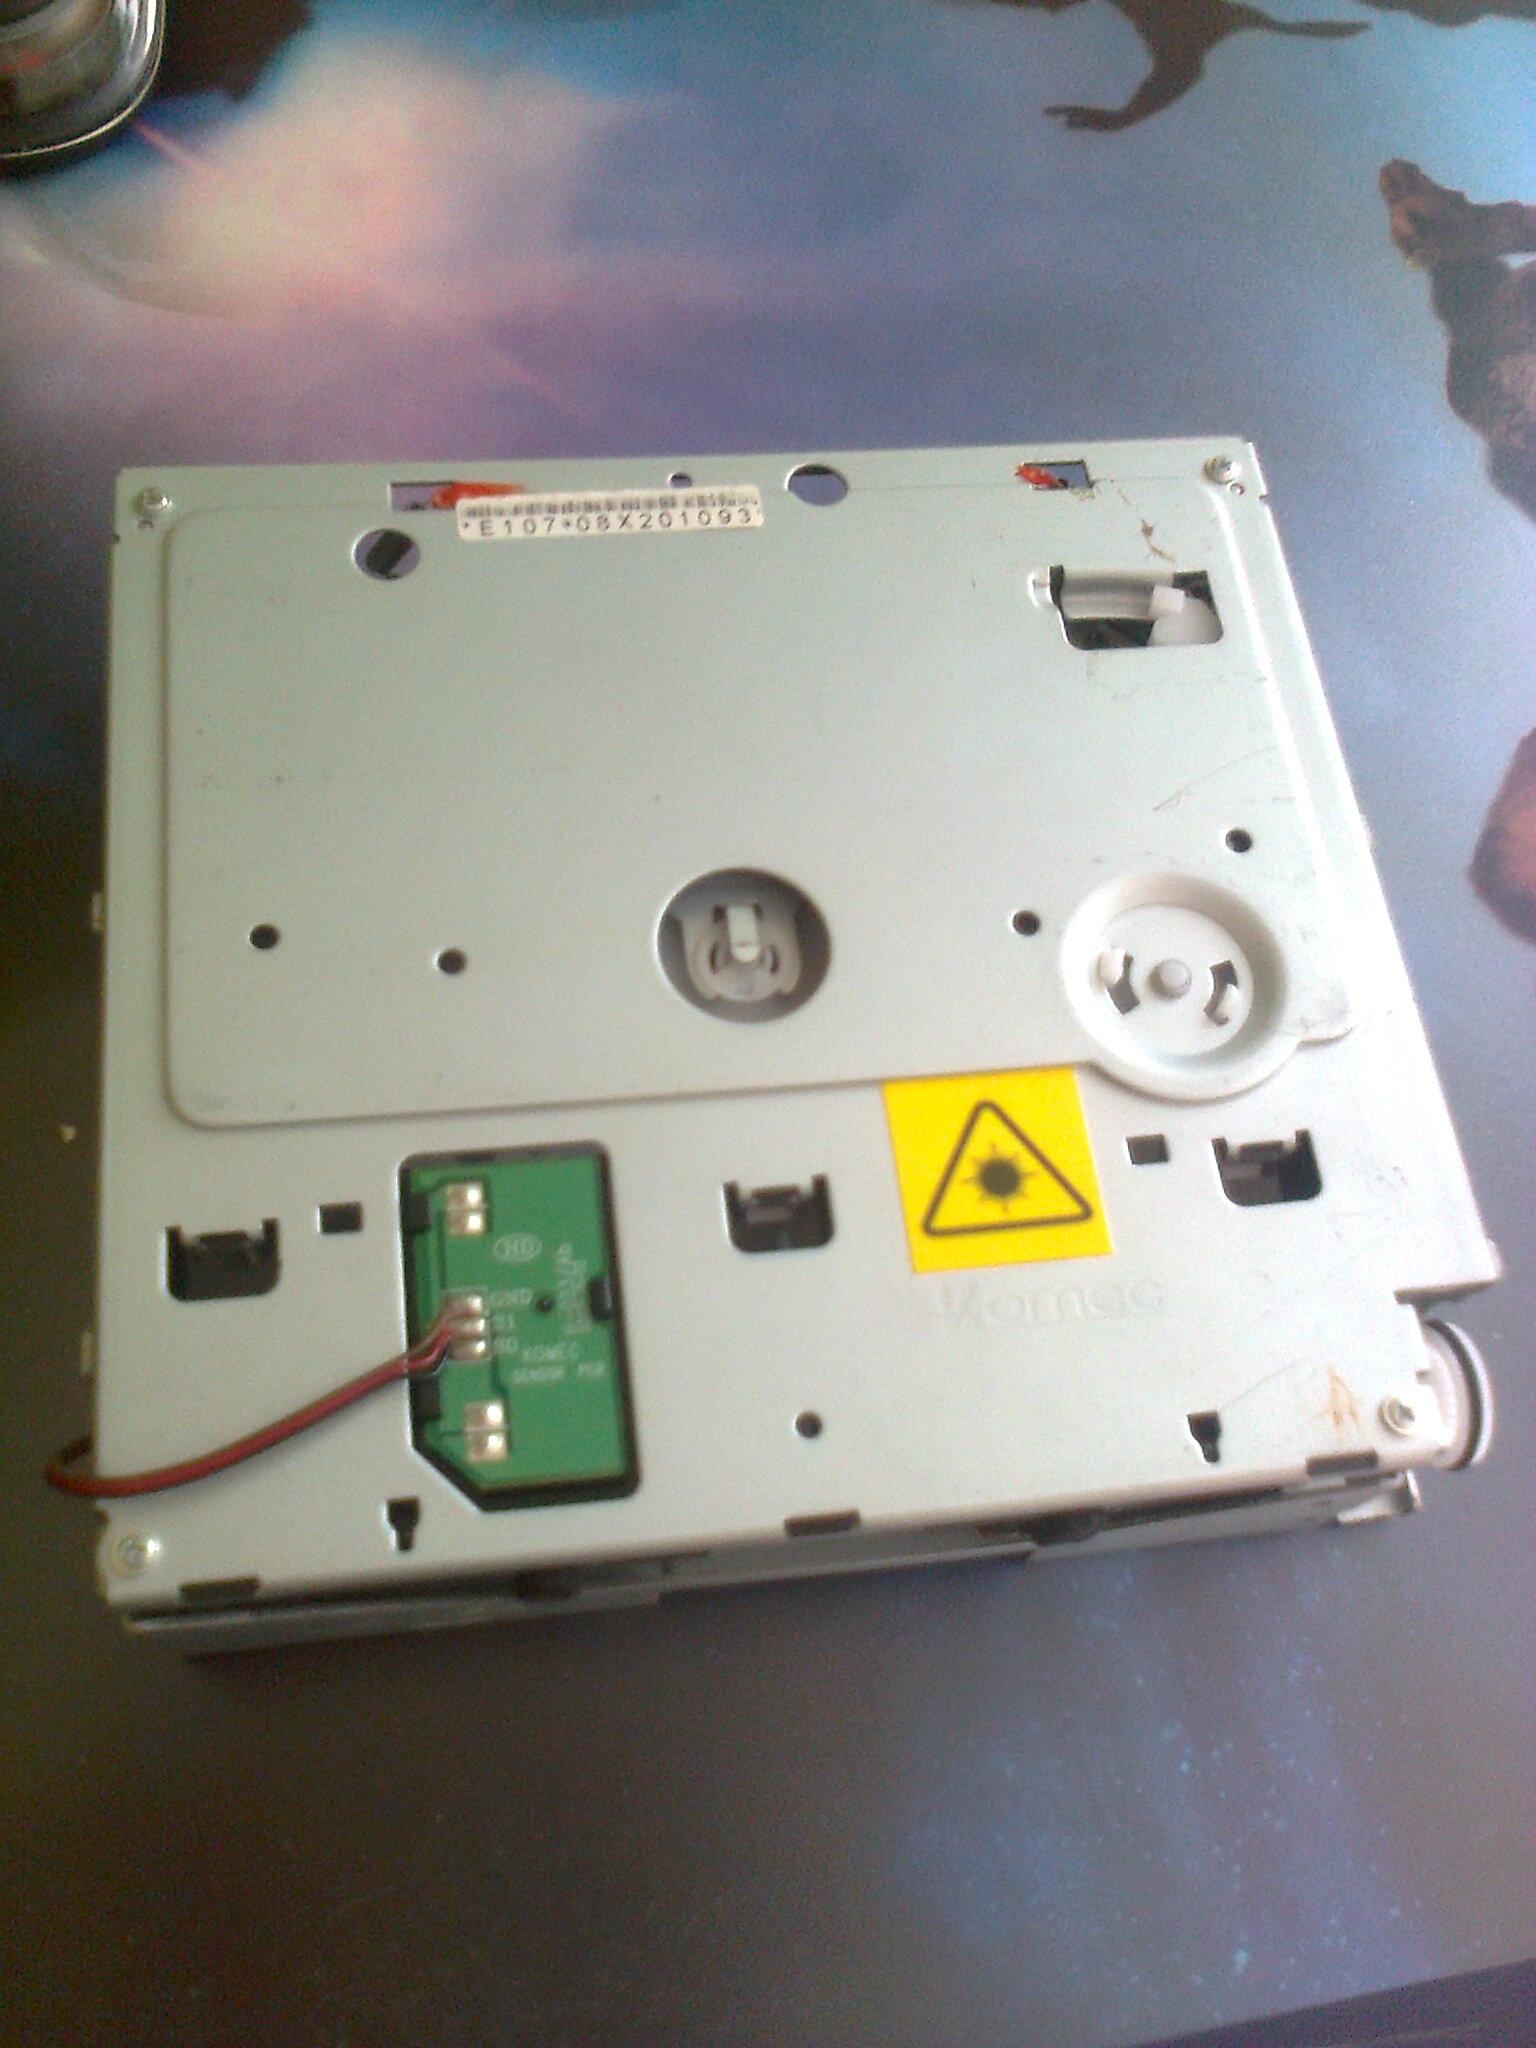 Imago iM-C3 - Opis z��cza CD-ROM Komec w radiu